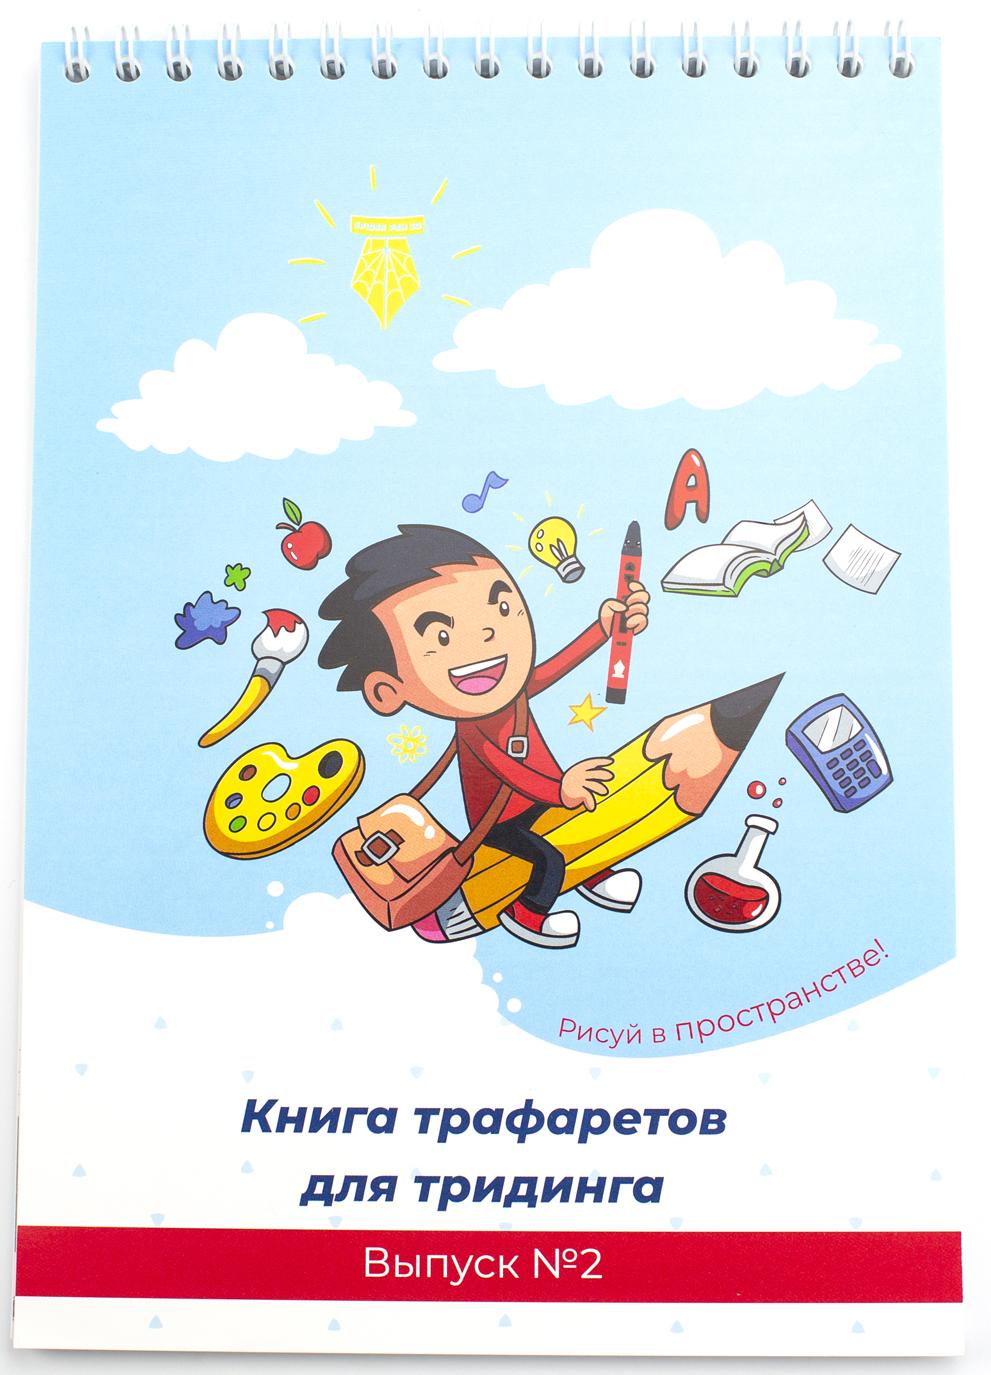 Книга трафаретов для 3Динга. Выпуск 2 фото